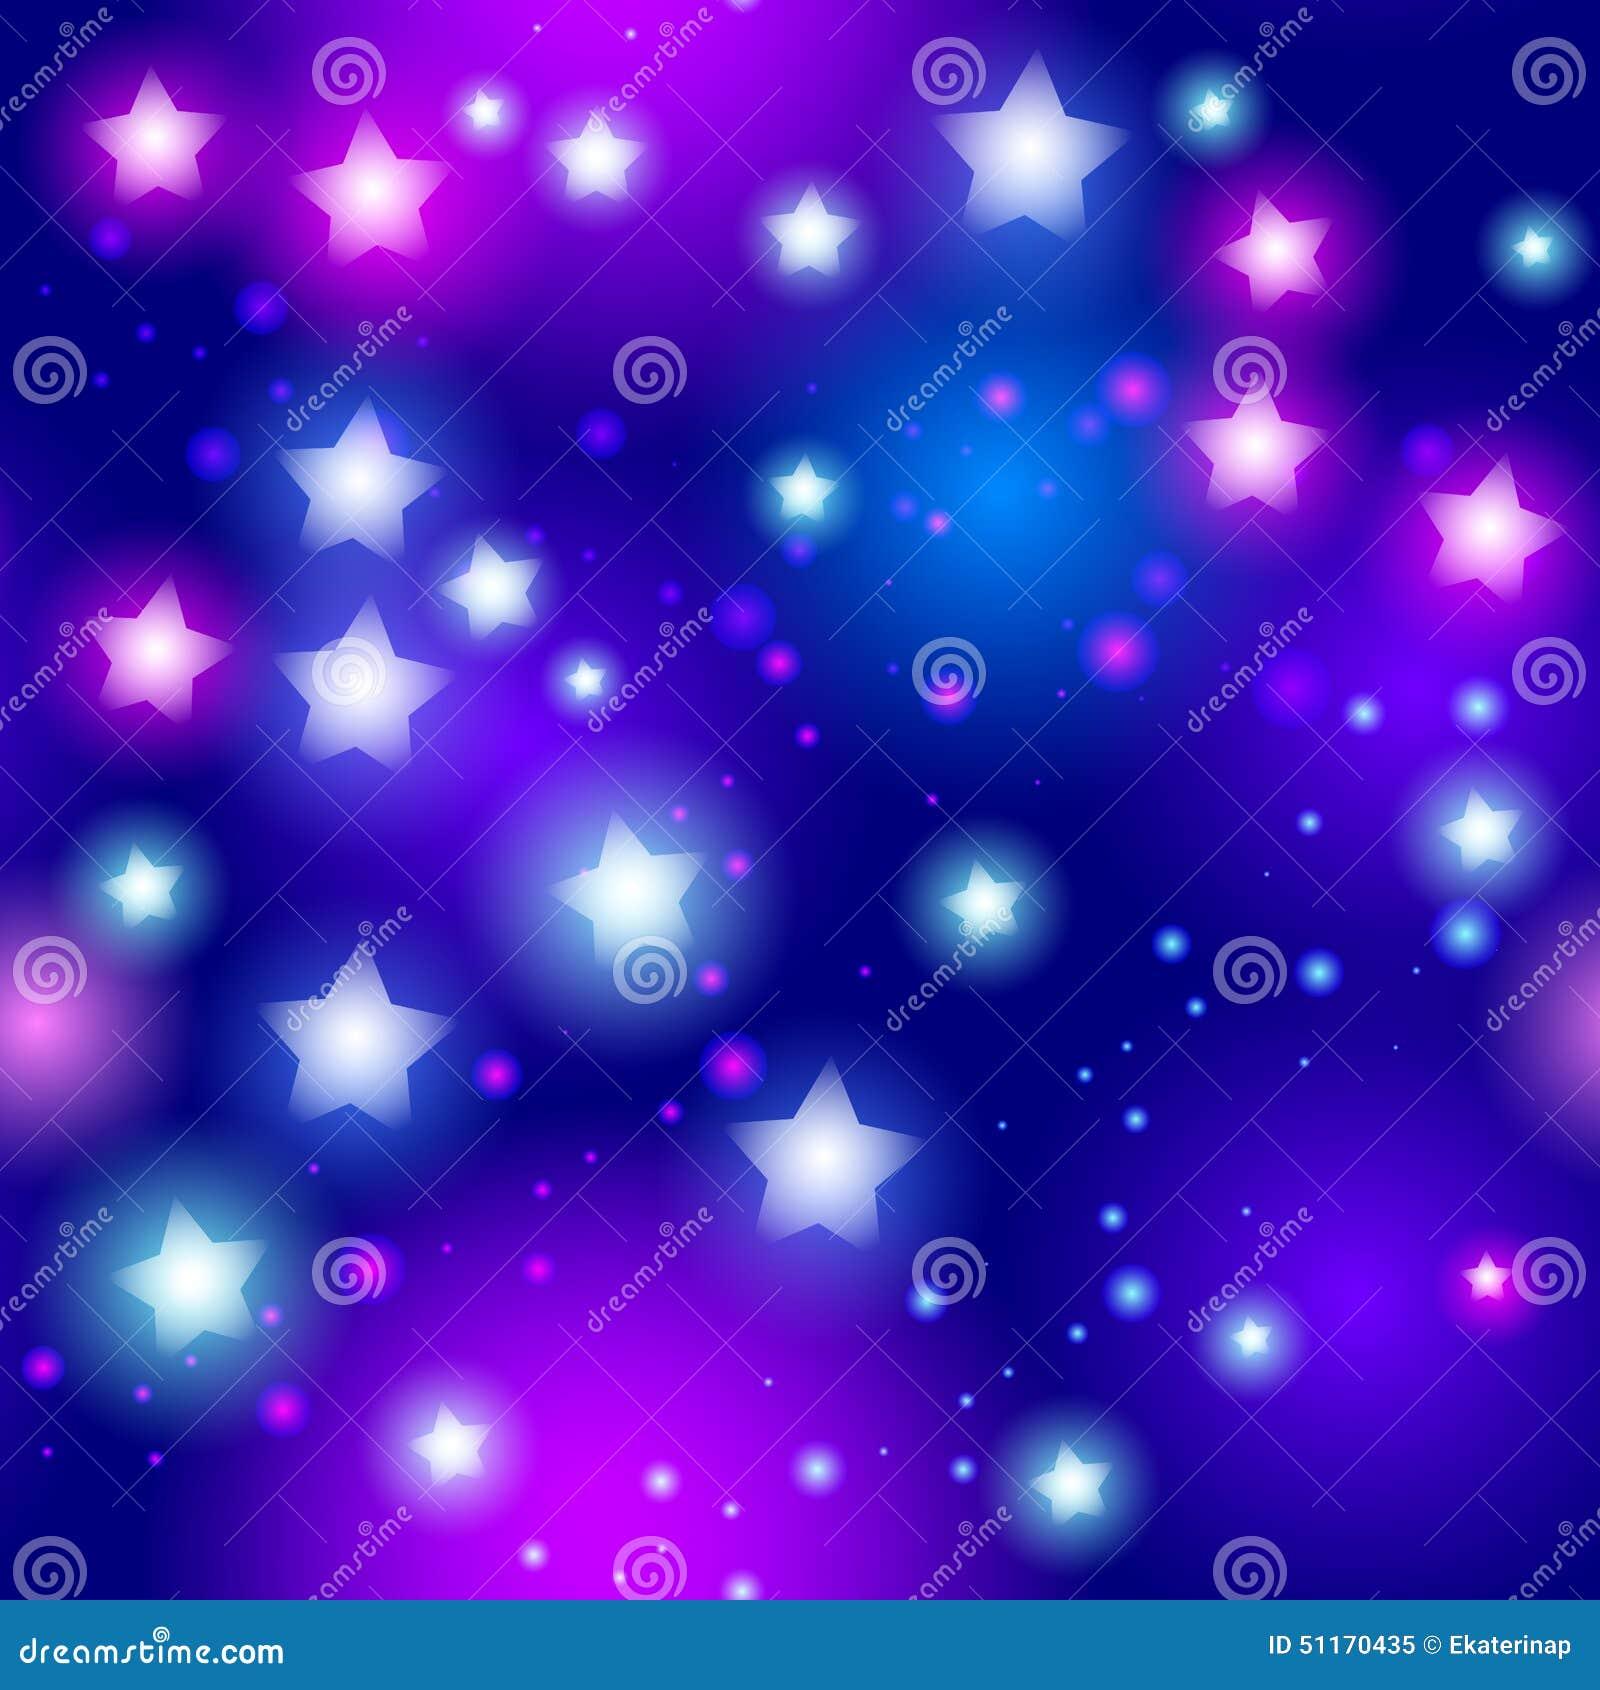 abstractstars abstract stars patterns - photo #17